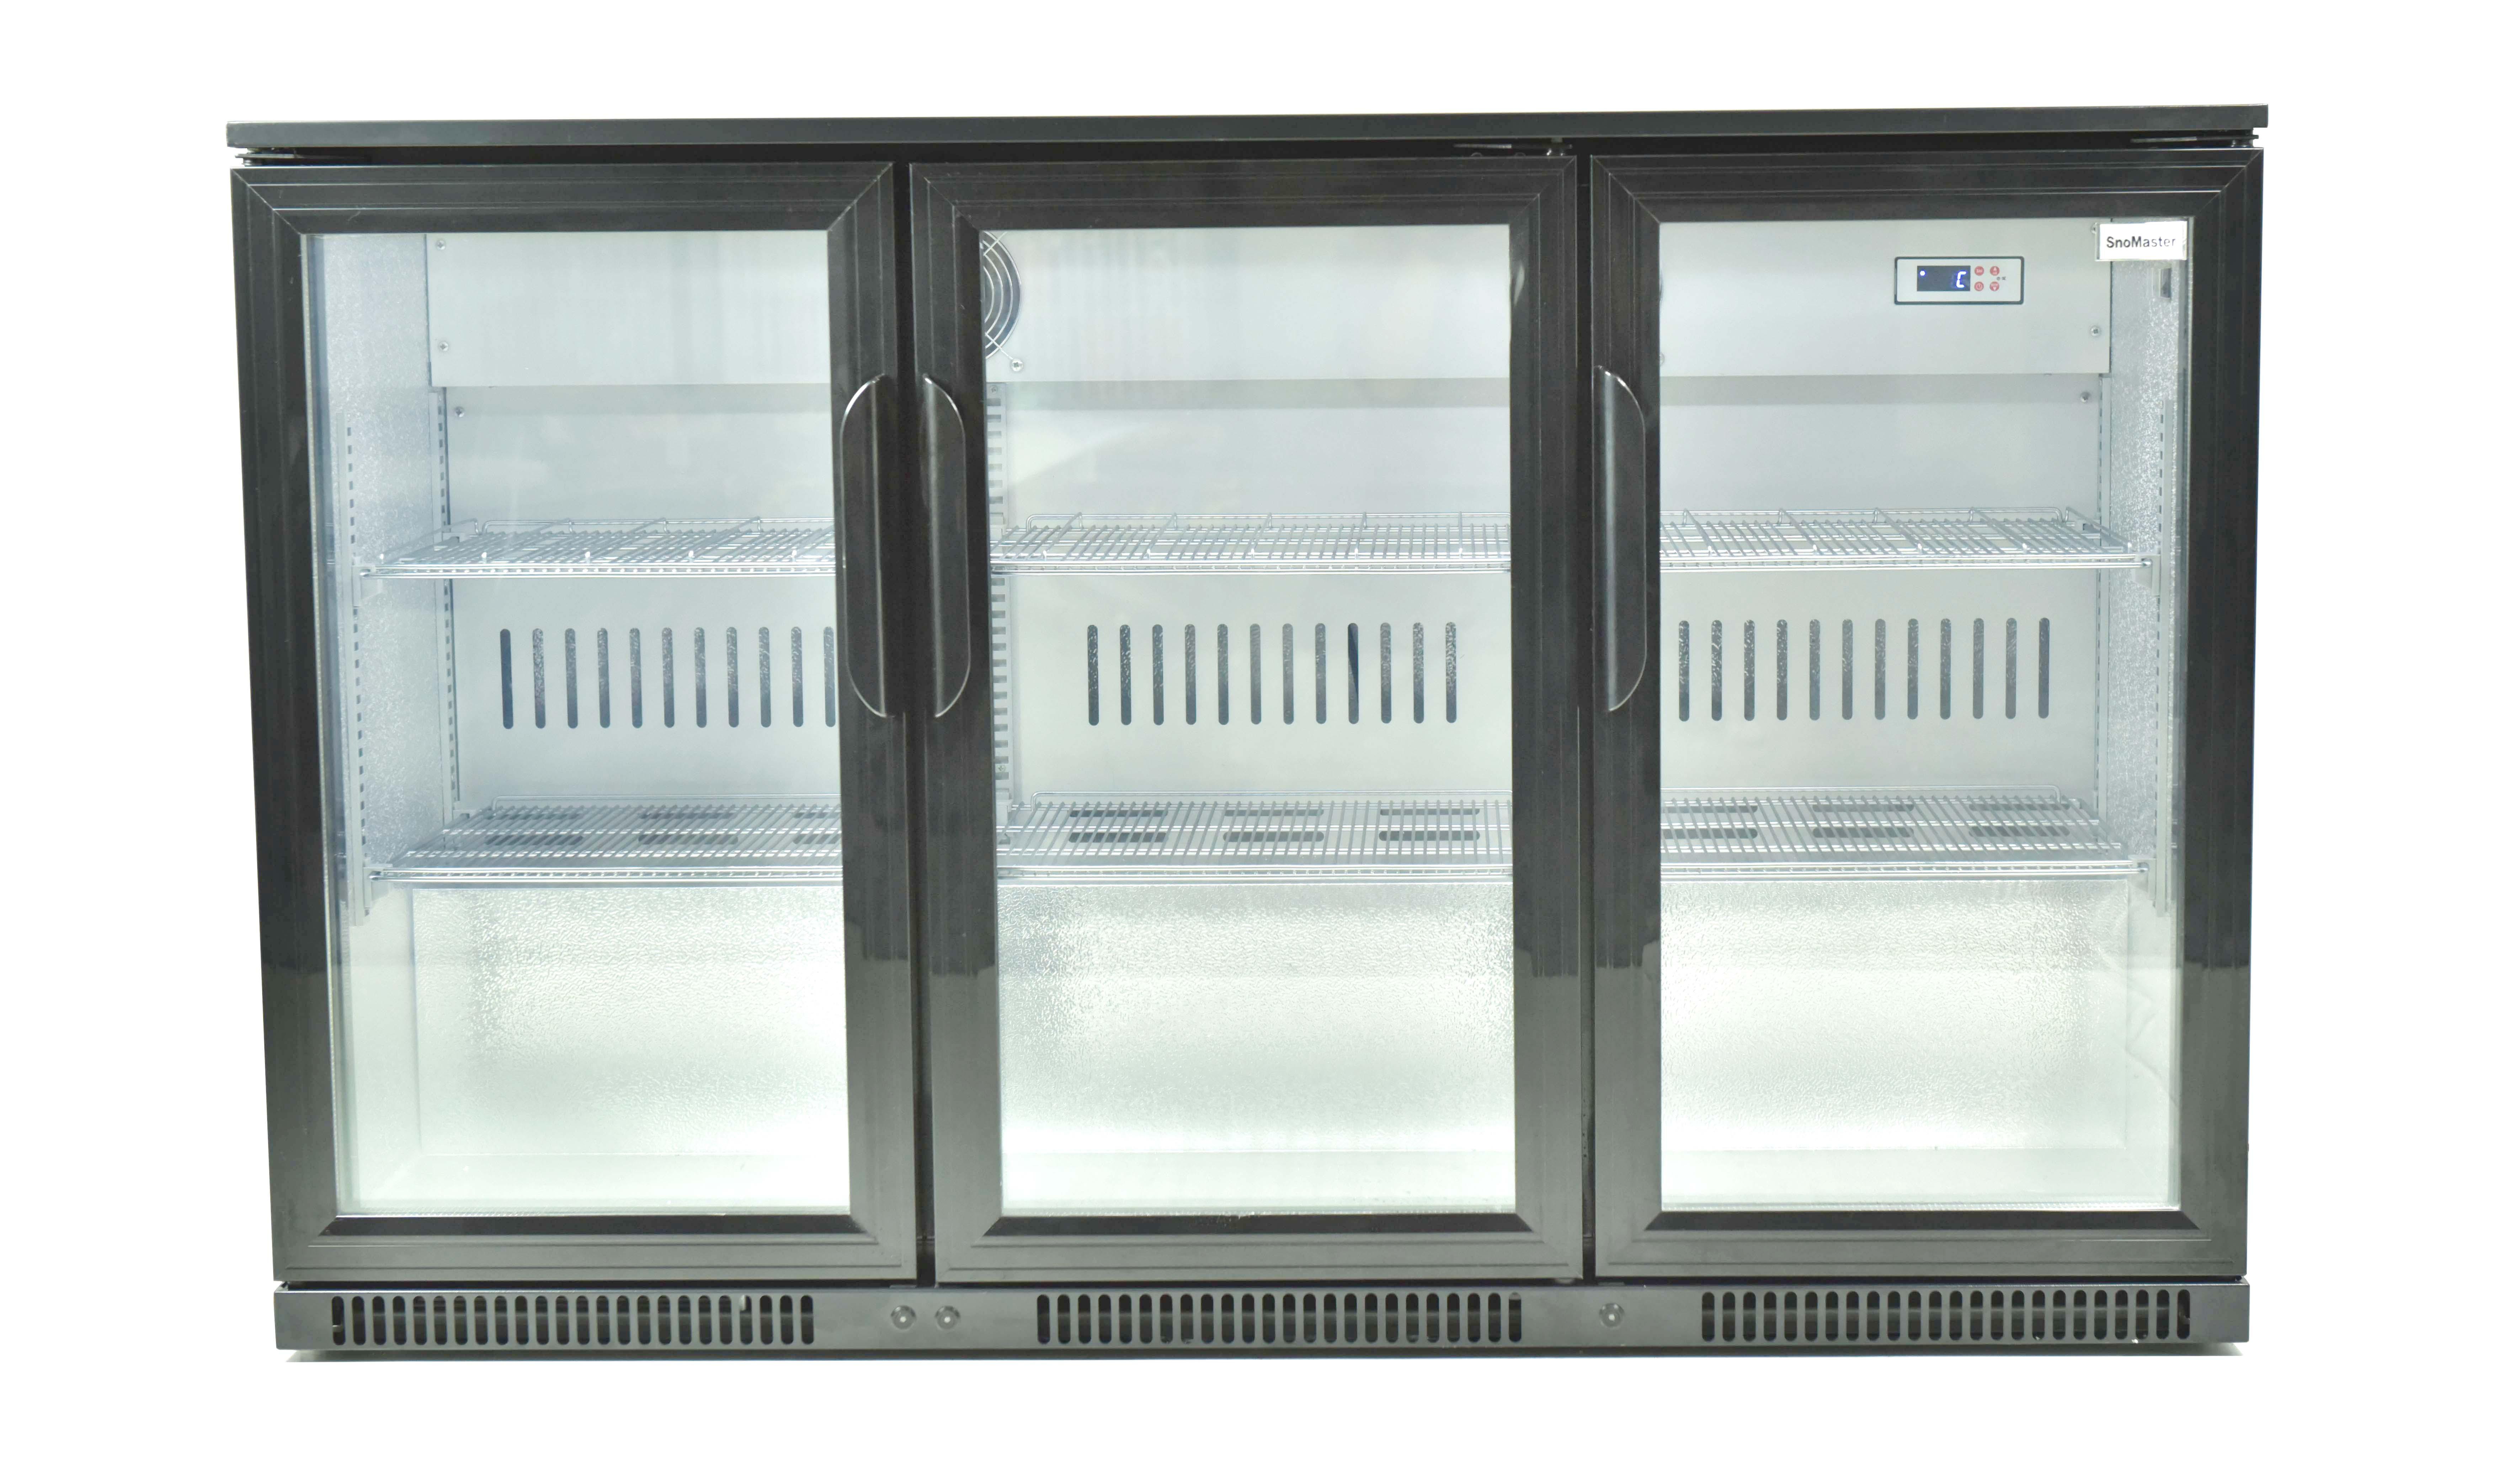 Snomster 3 Door Under Bar Fridge Direct Cooling